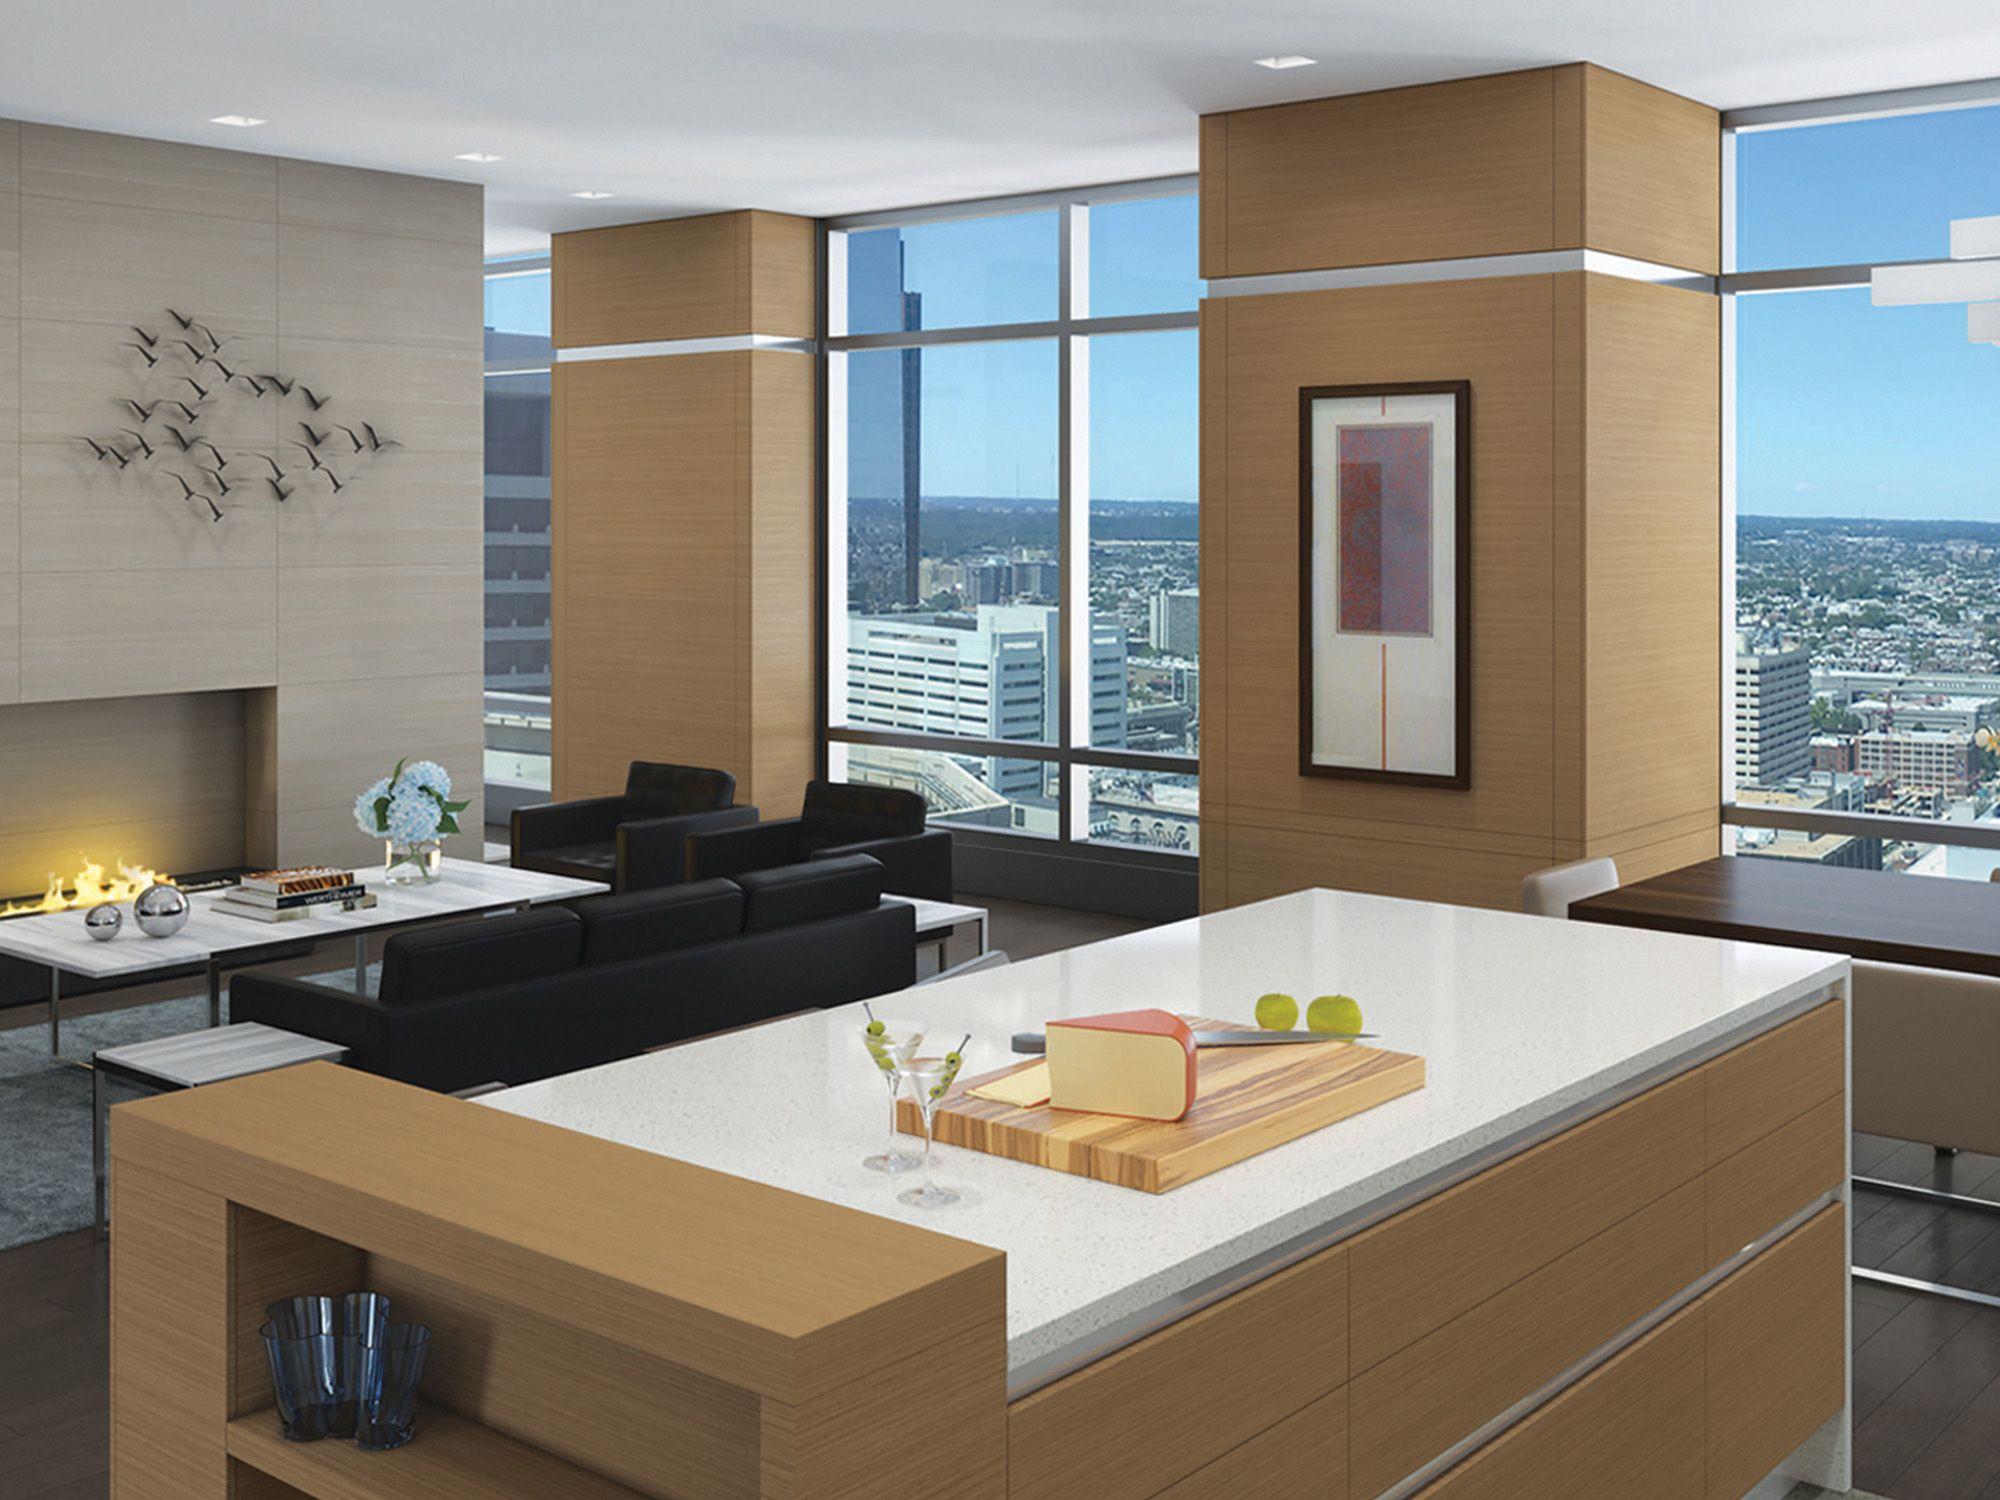 K Yoder Design Luxury High Rise Condominium